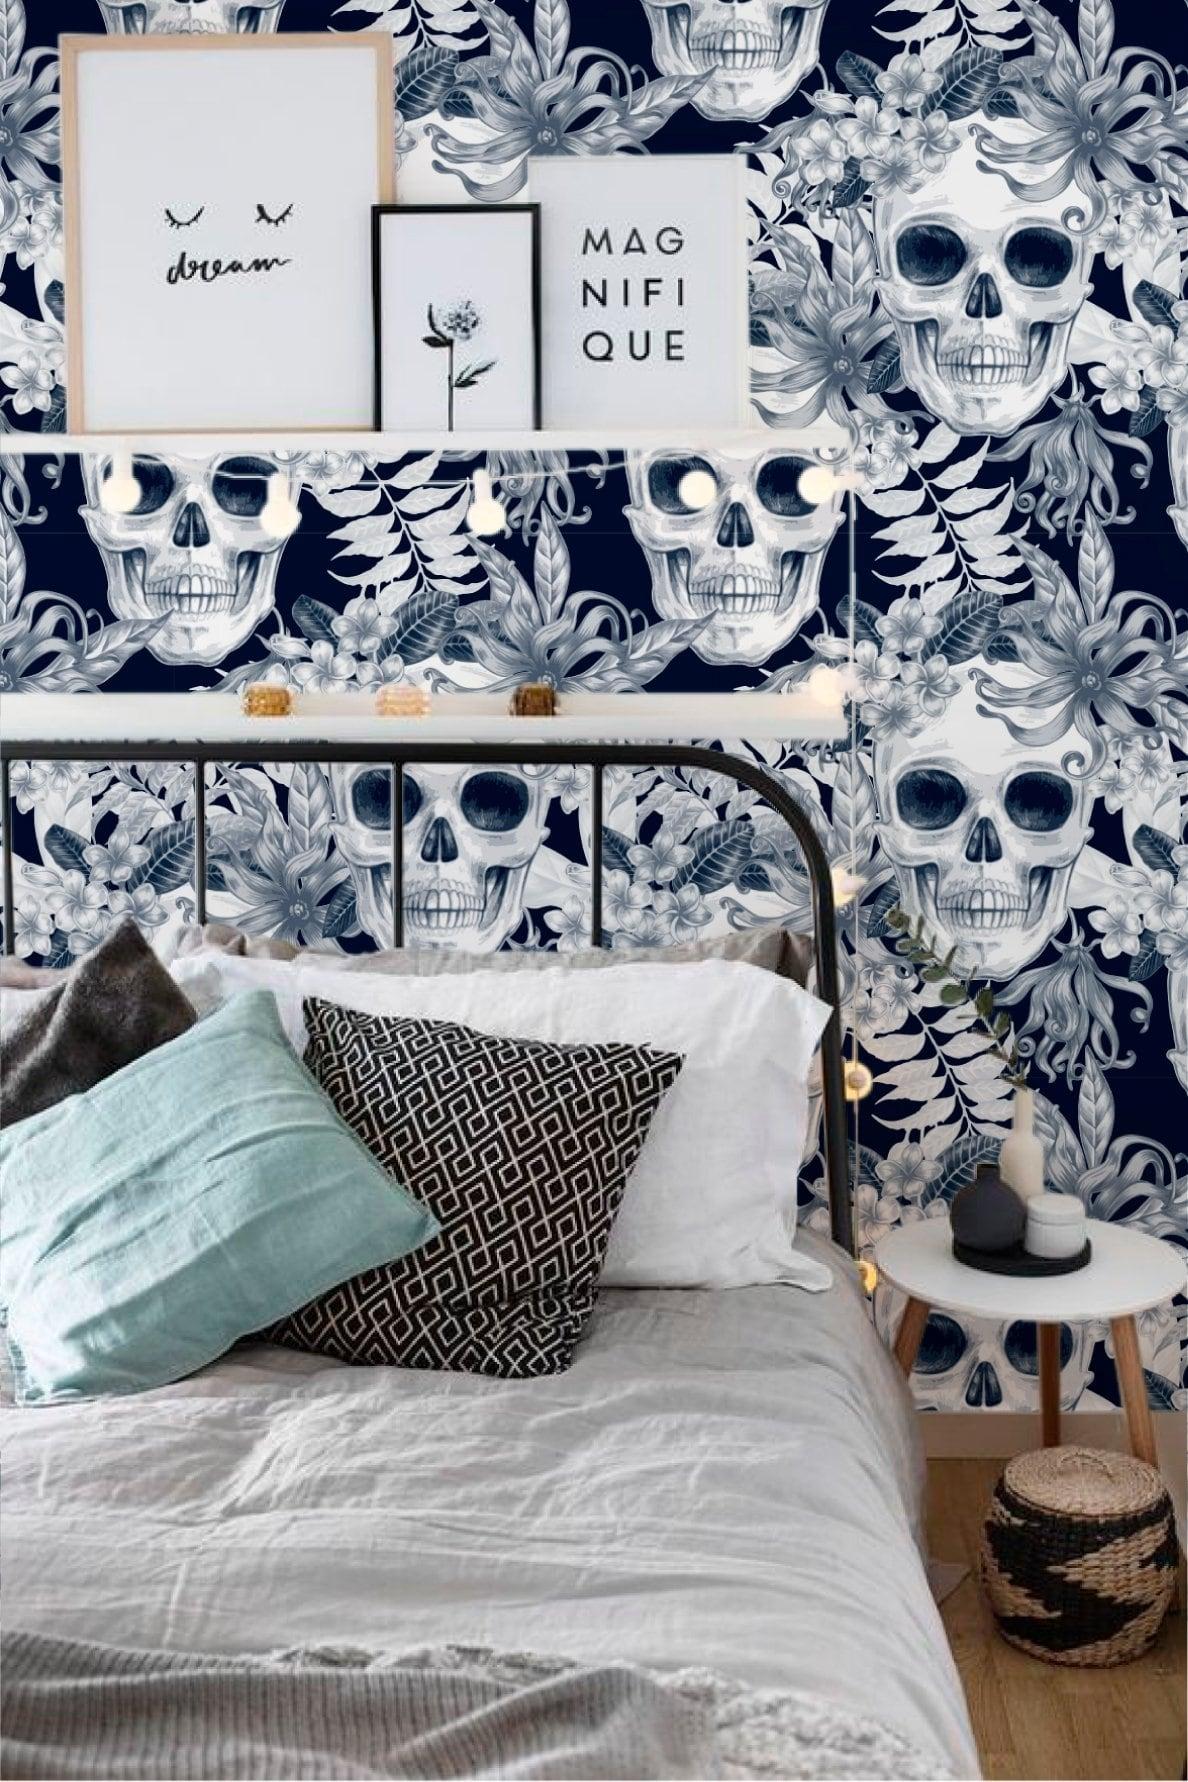 Papier peint moderne de skull avec composition florale